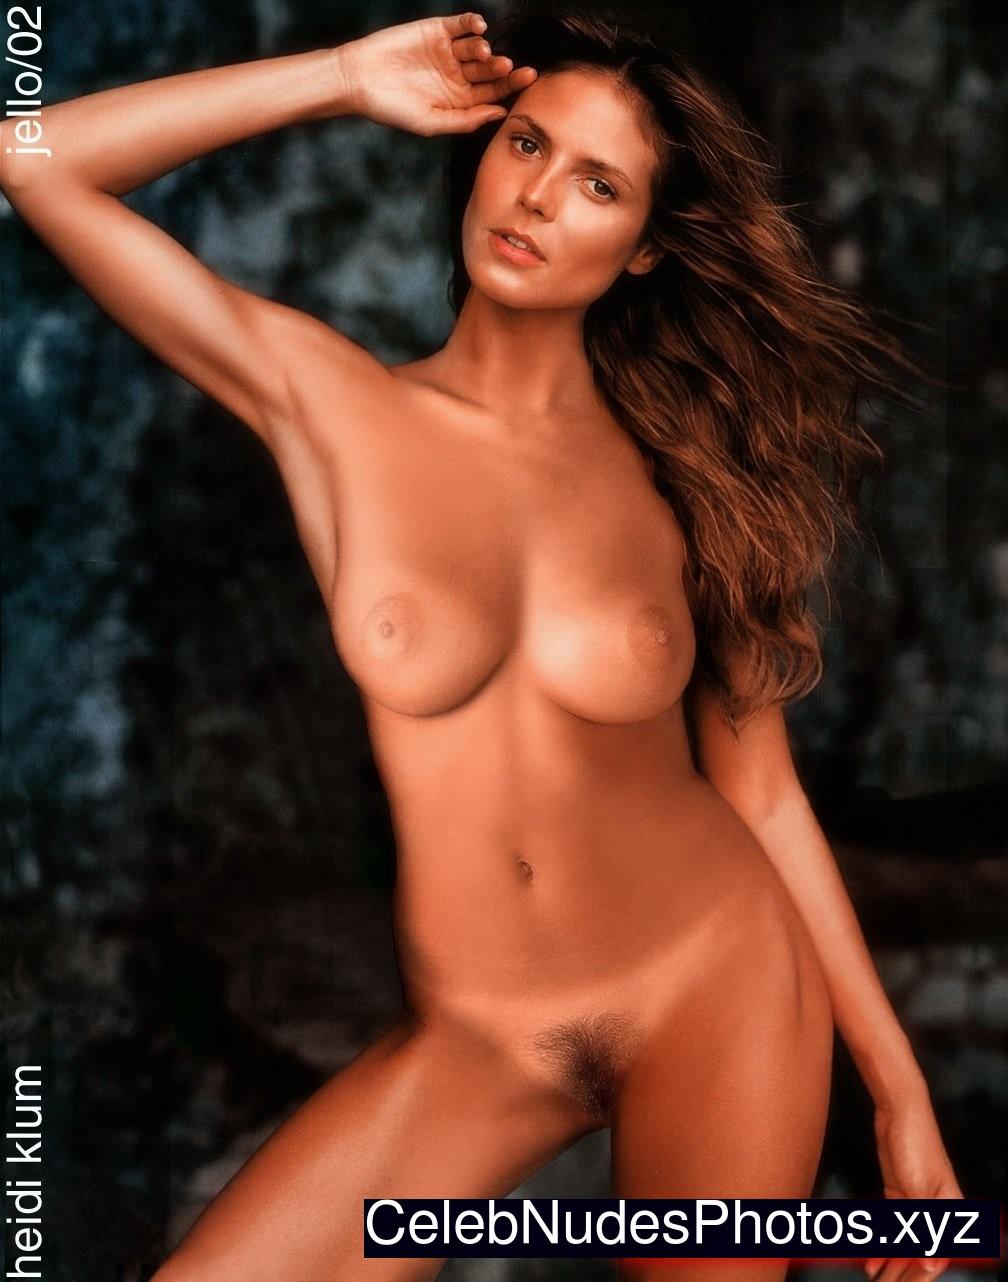 heidi klum nude pics